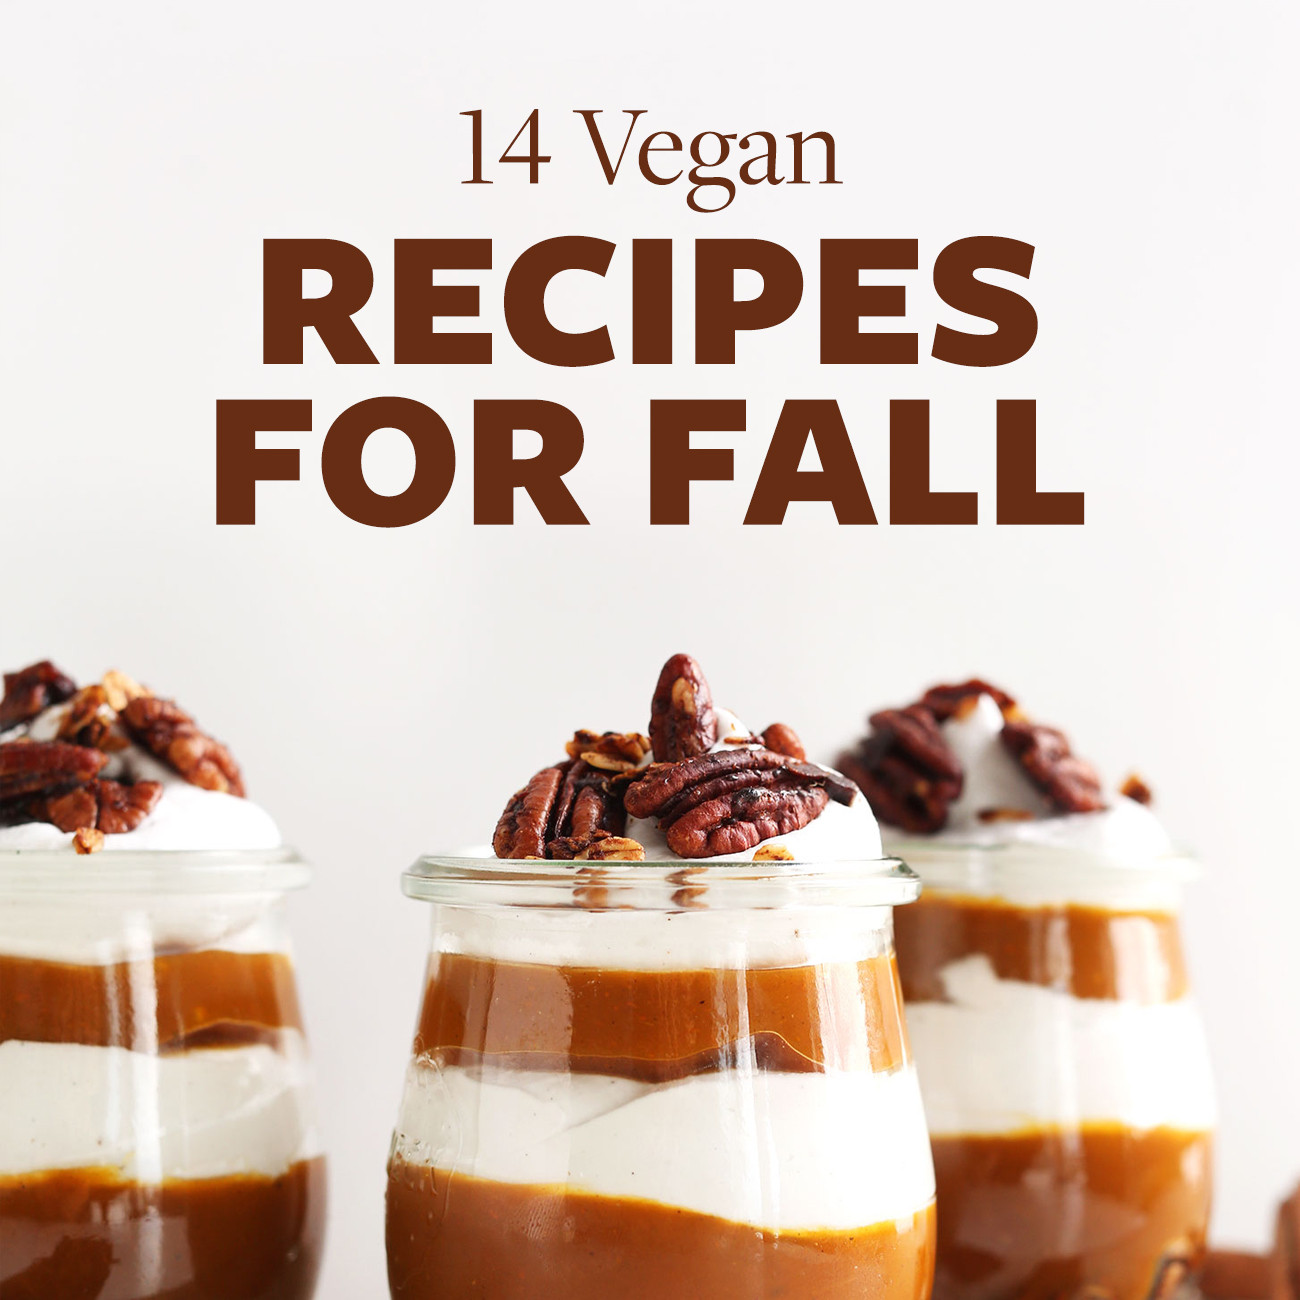 Fall Vegan Recipes  14 Vegan Recipes for Fall